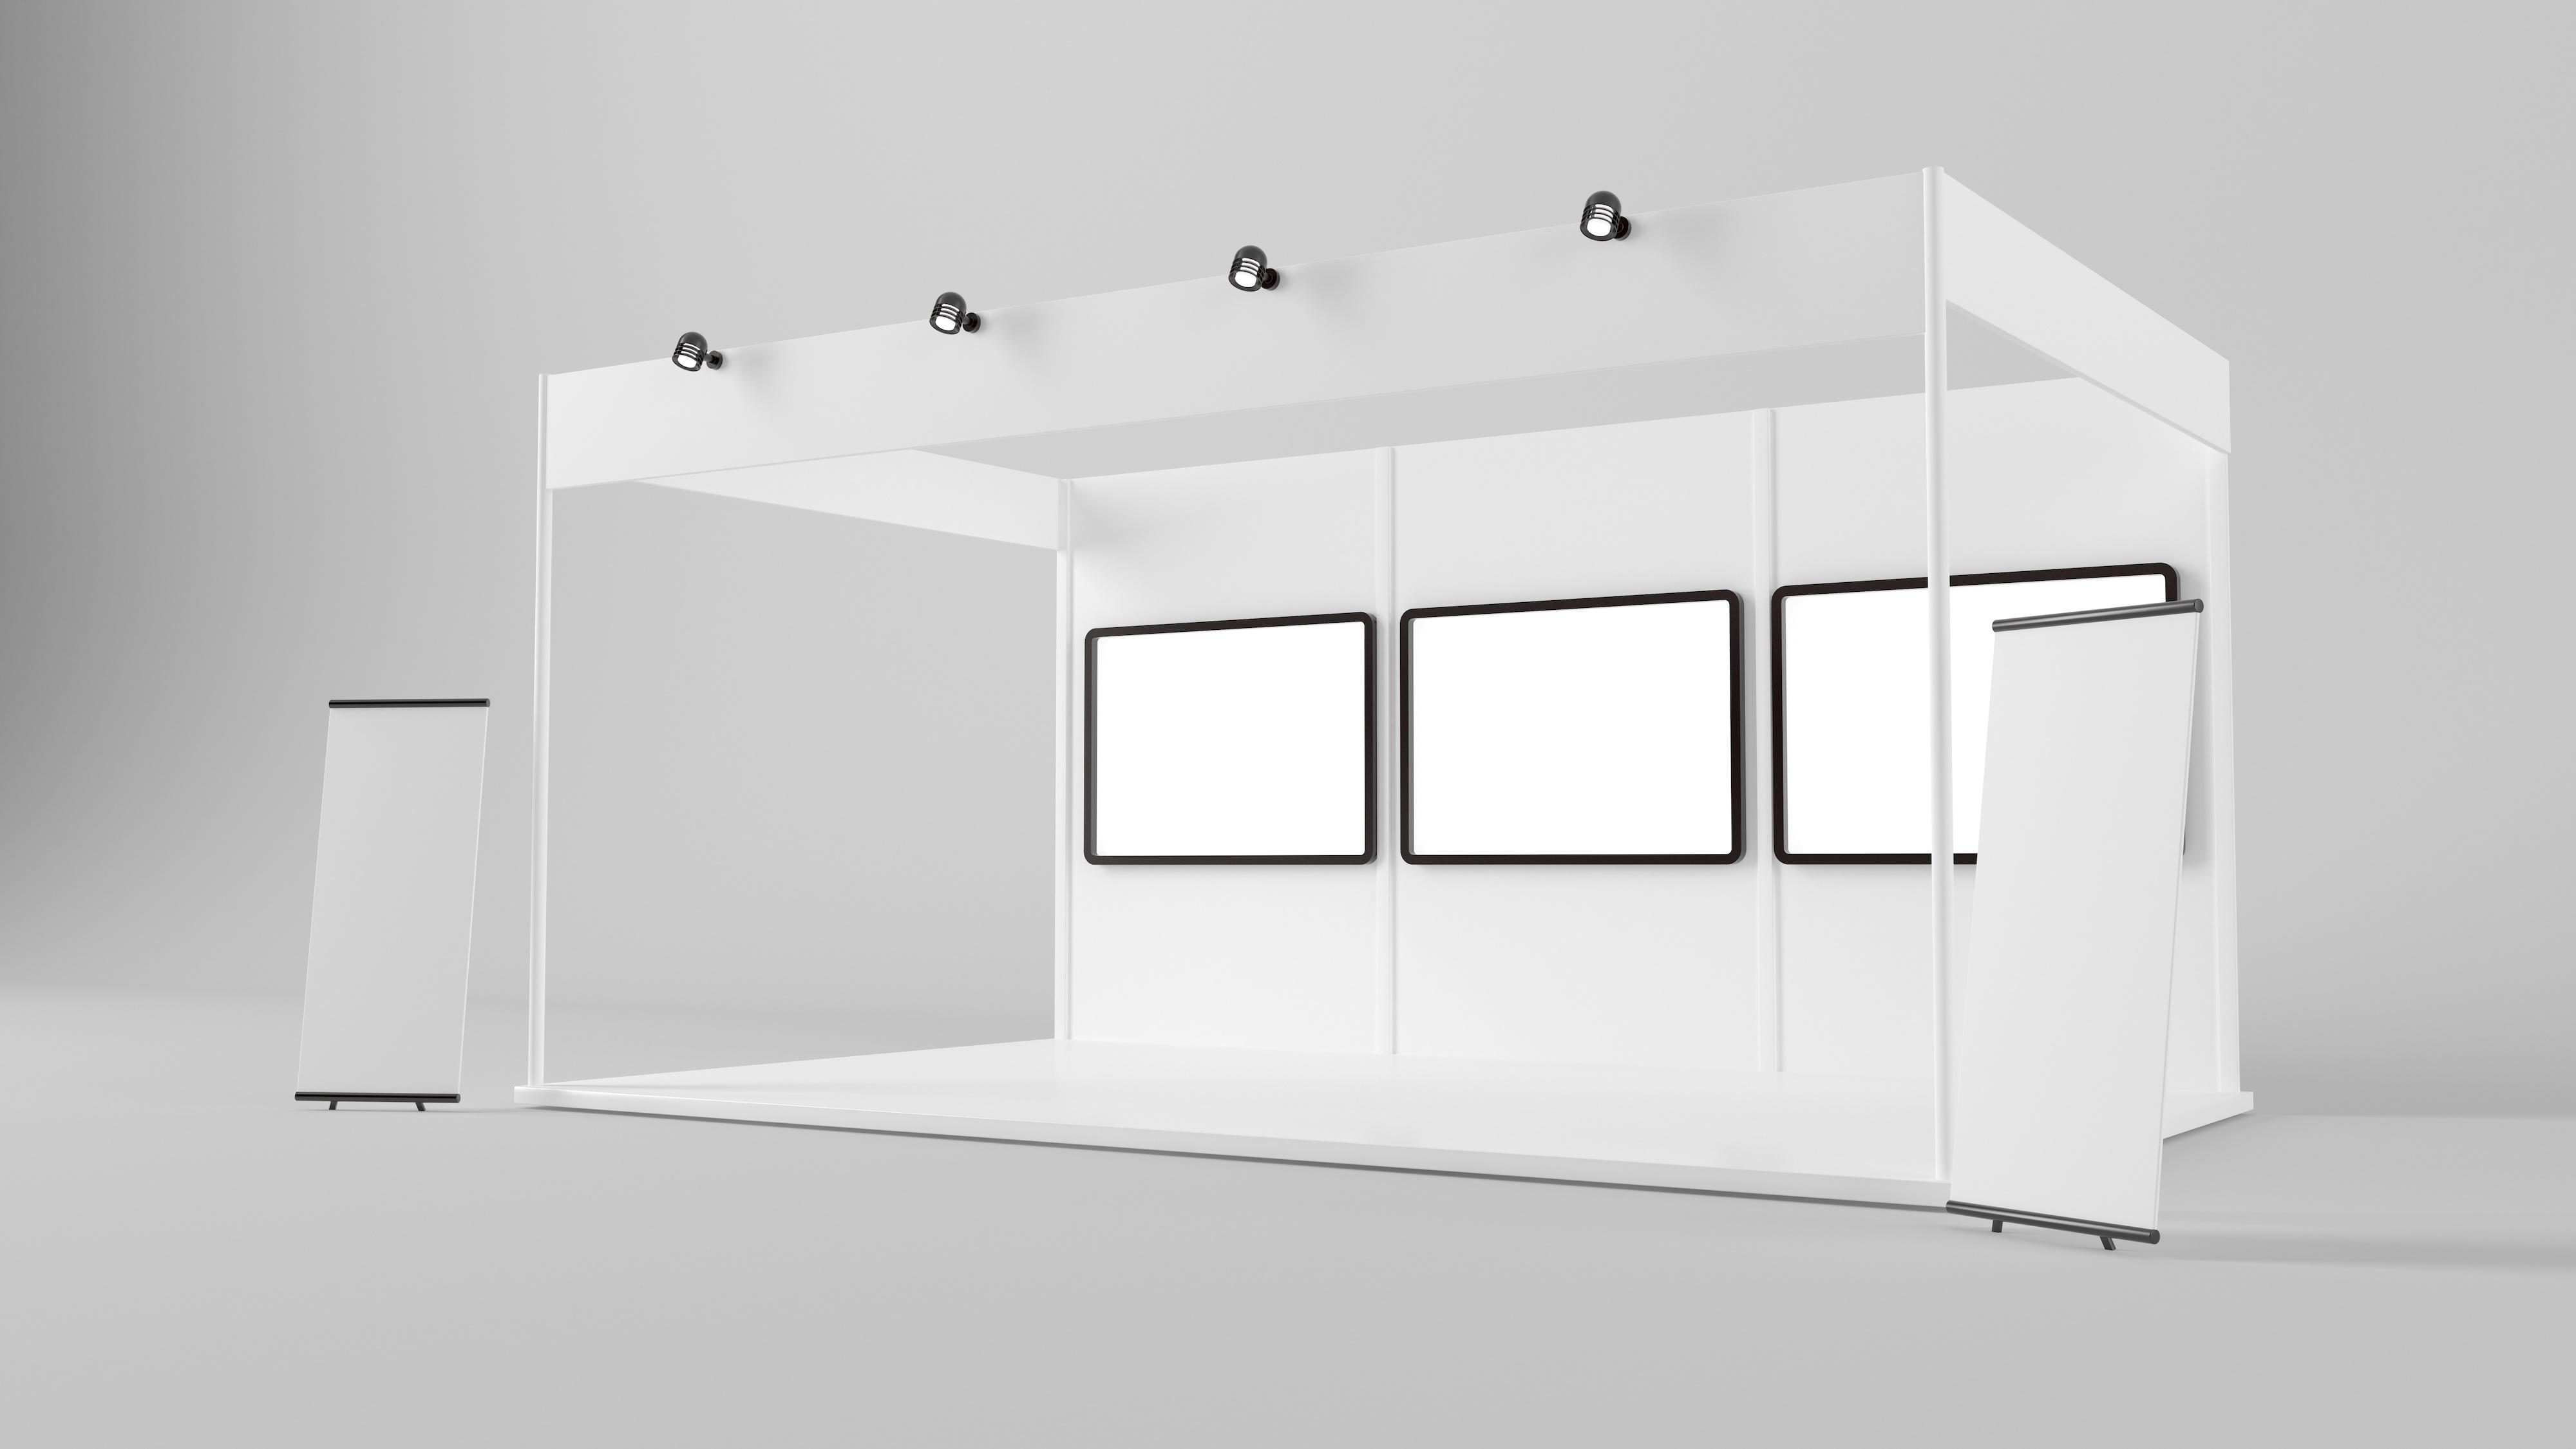 生活革命のロボット・Pepper(ペッパーくん)レンタルサービスは、展示会や展示ブースで活躍しています。 展示ブースでの使い方を工夫します。